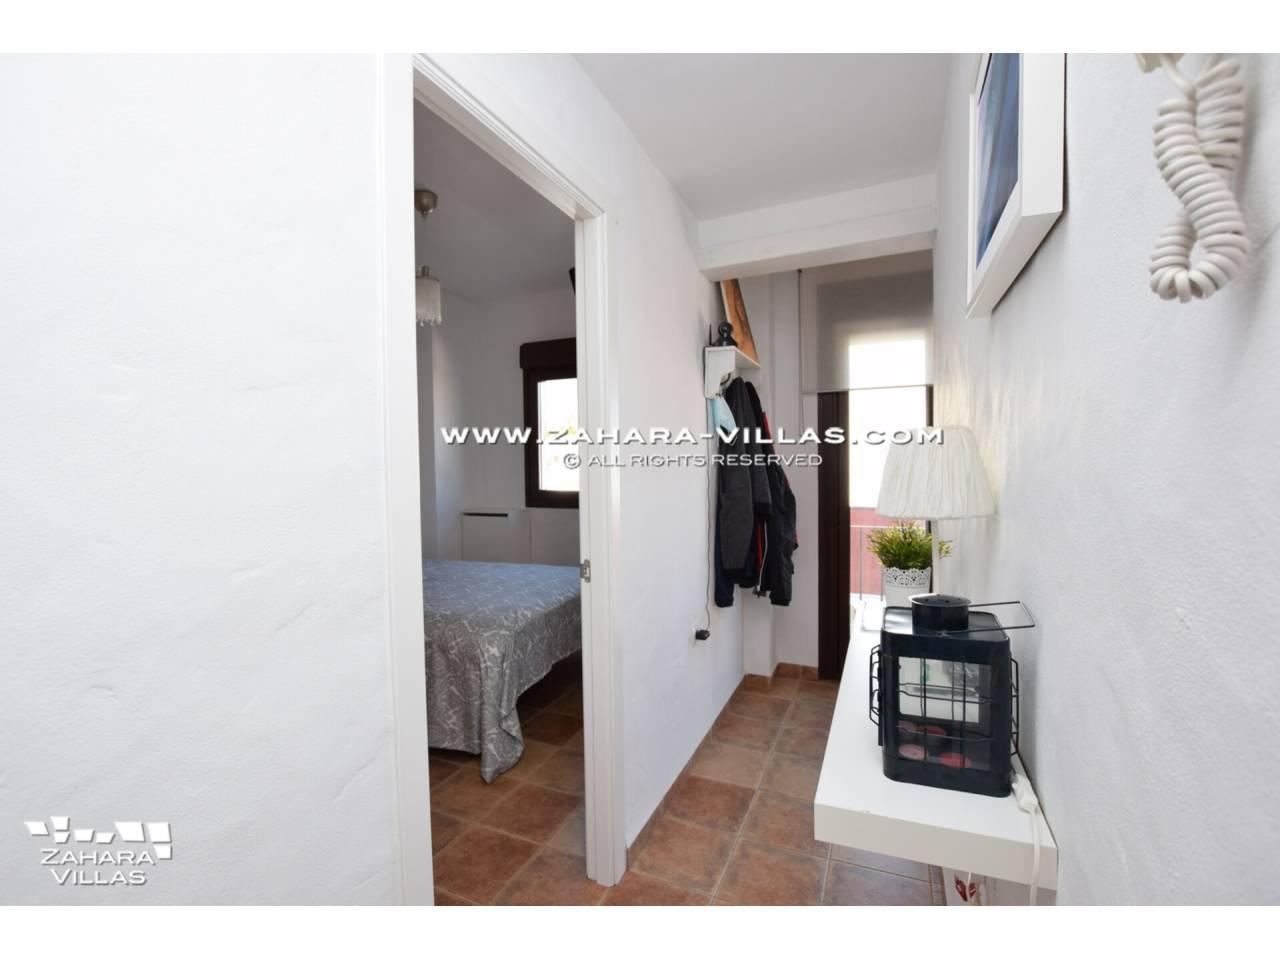 Imagen 28 de Haus zum verkauf in Zahara de los Atunes